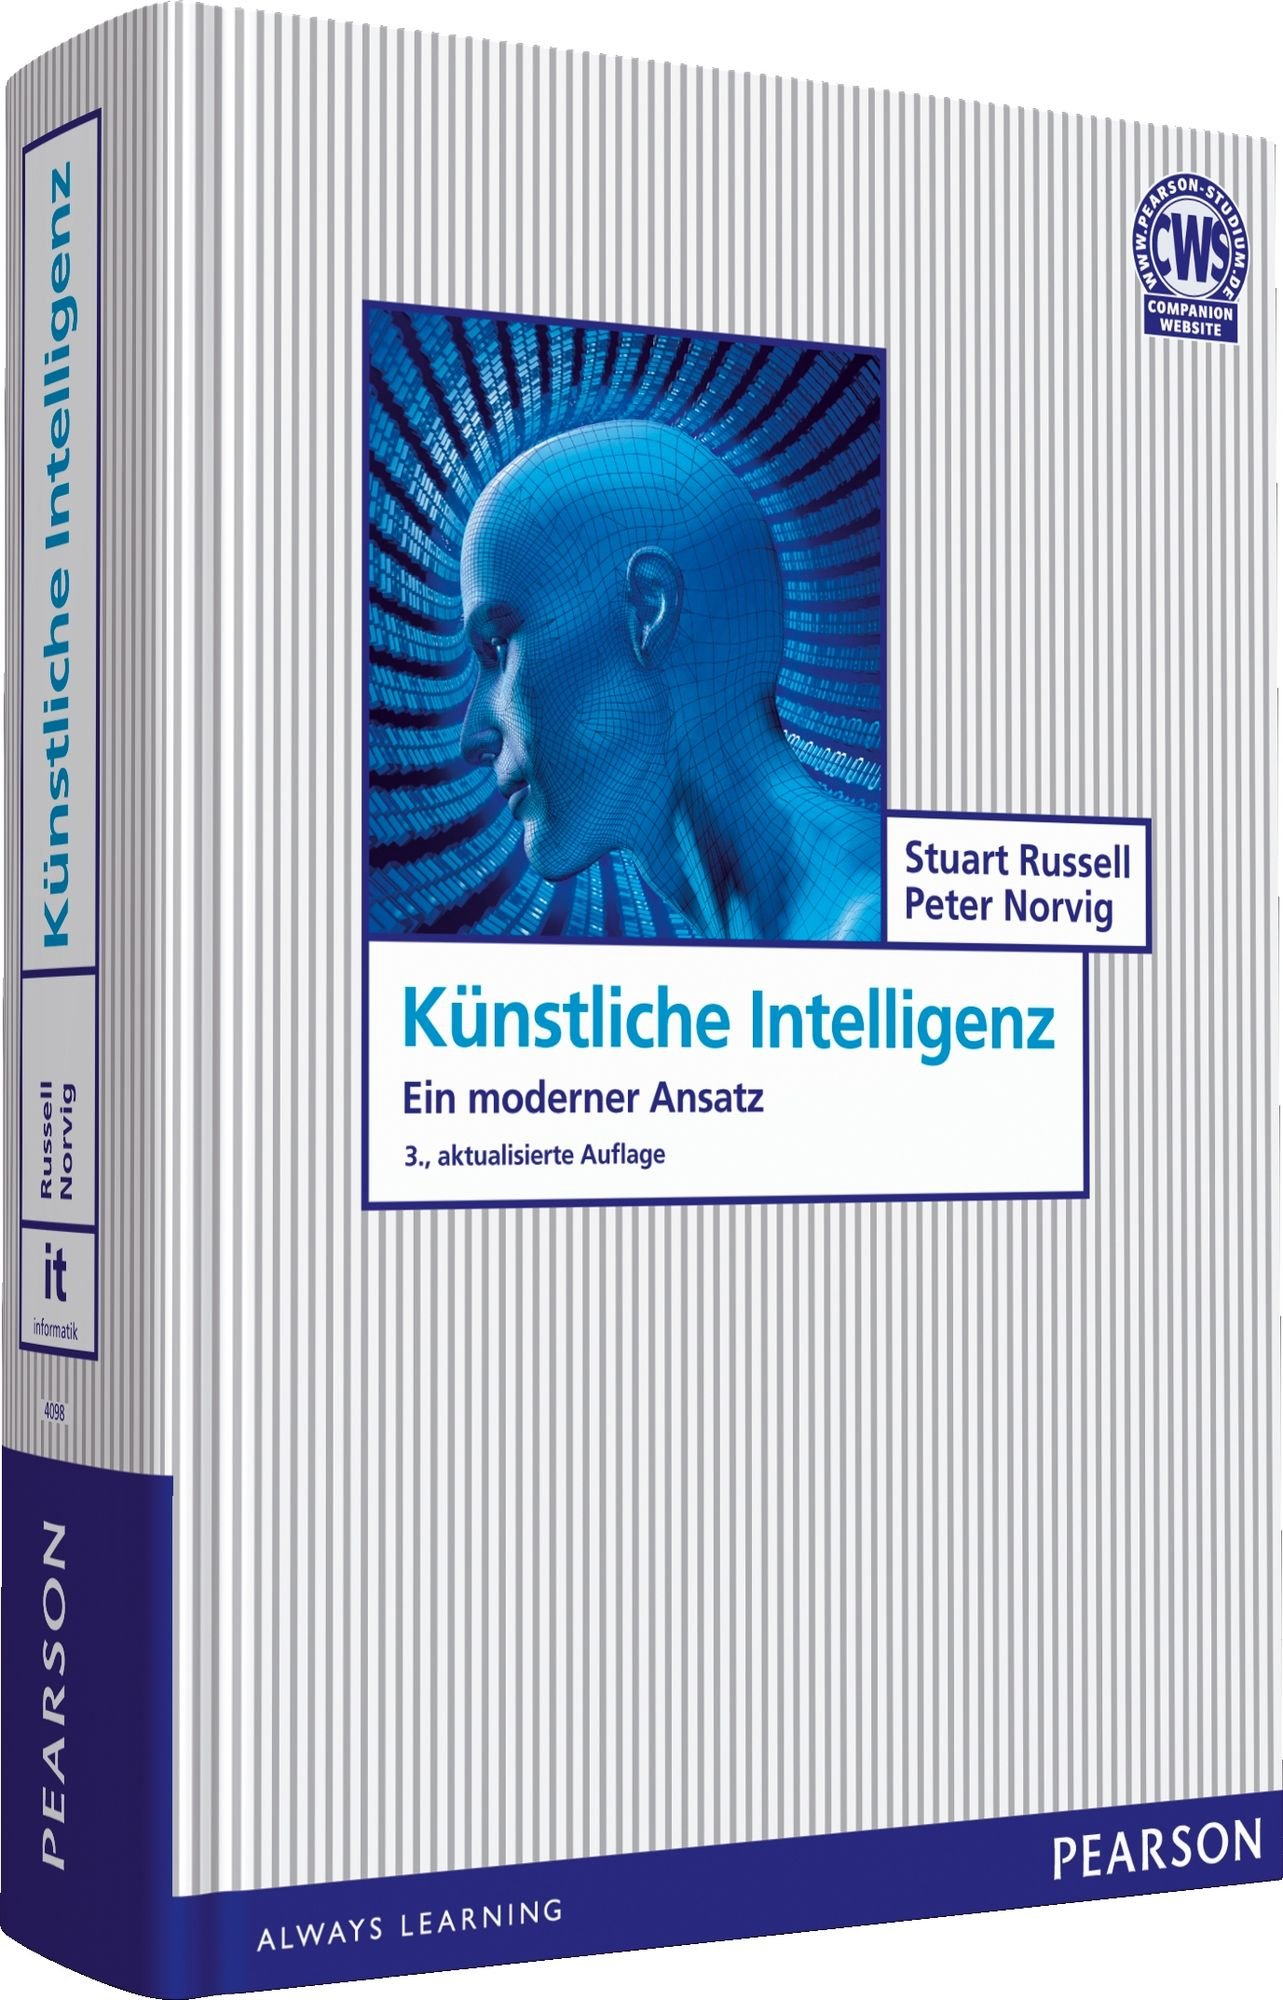 Künstliche Intelligenz (Pearson Studium - IT)